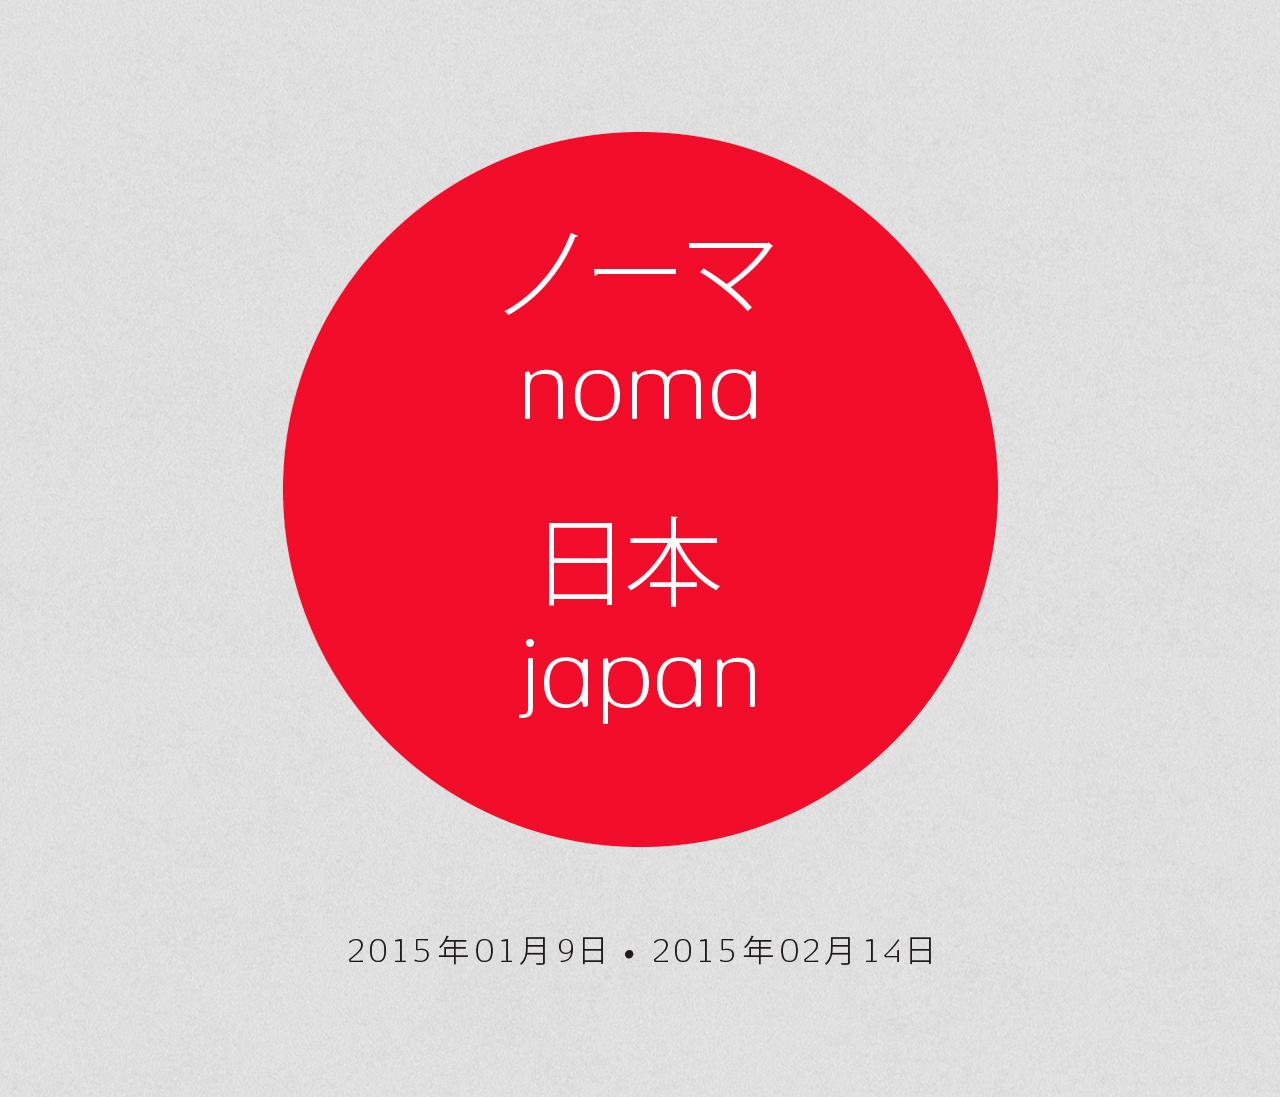 noma_japan